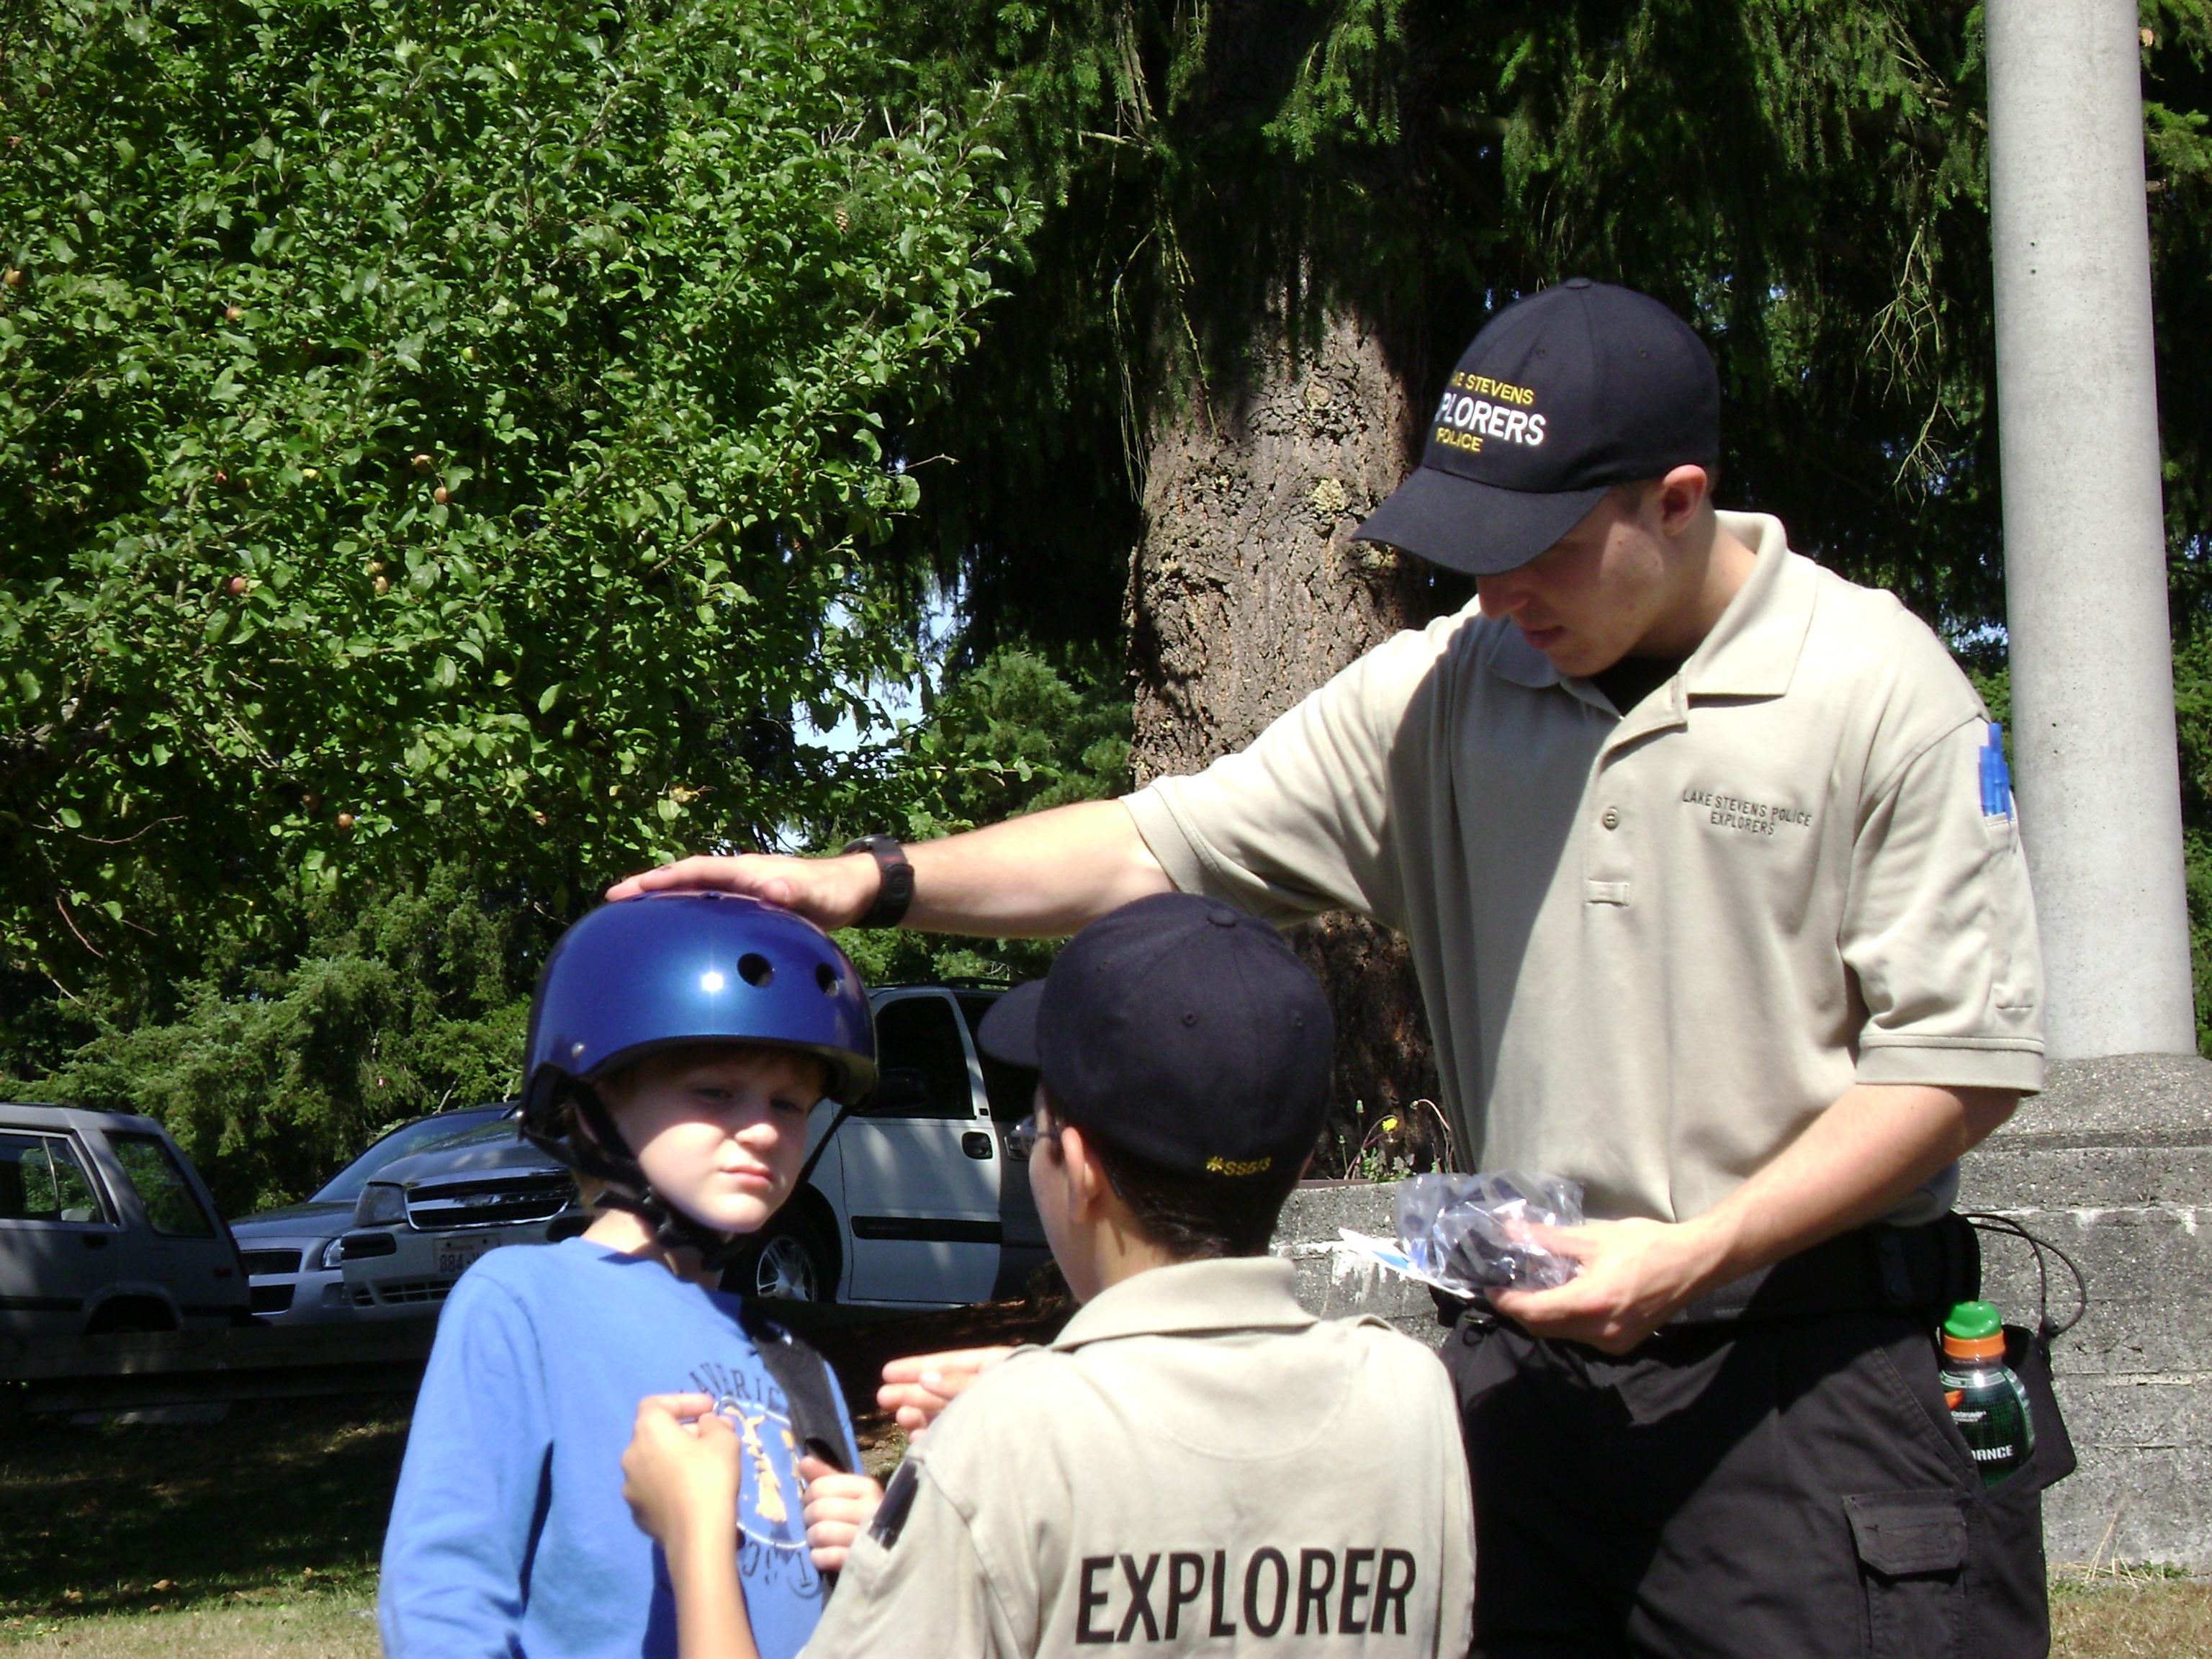 Explorers in action